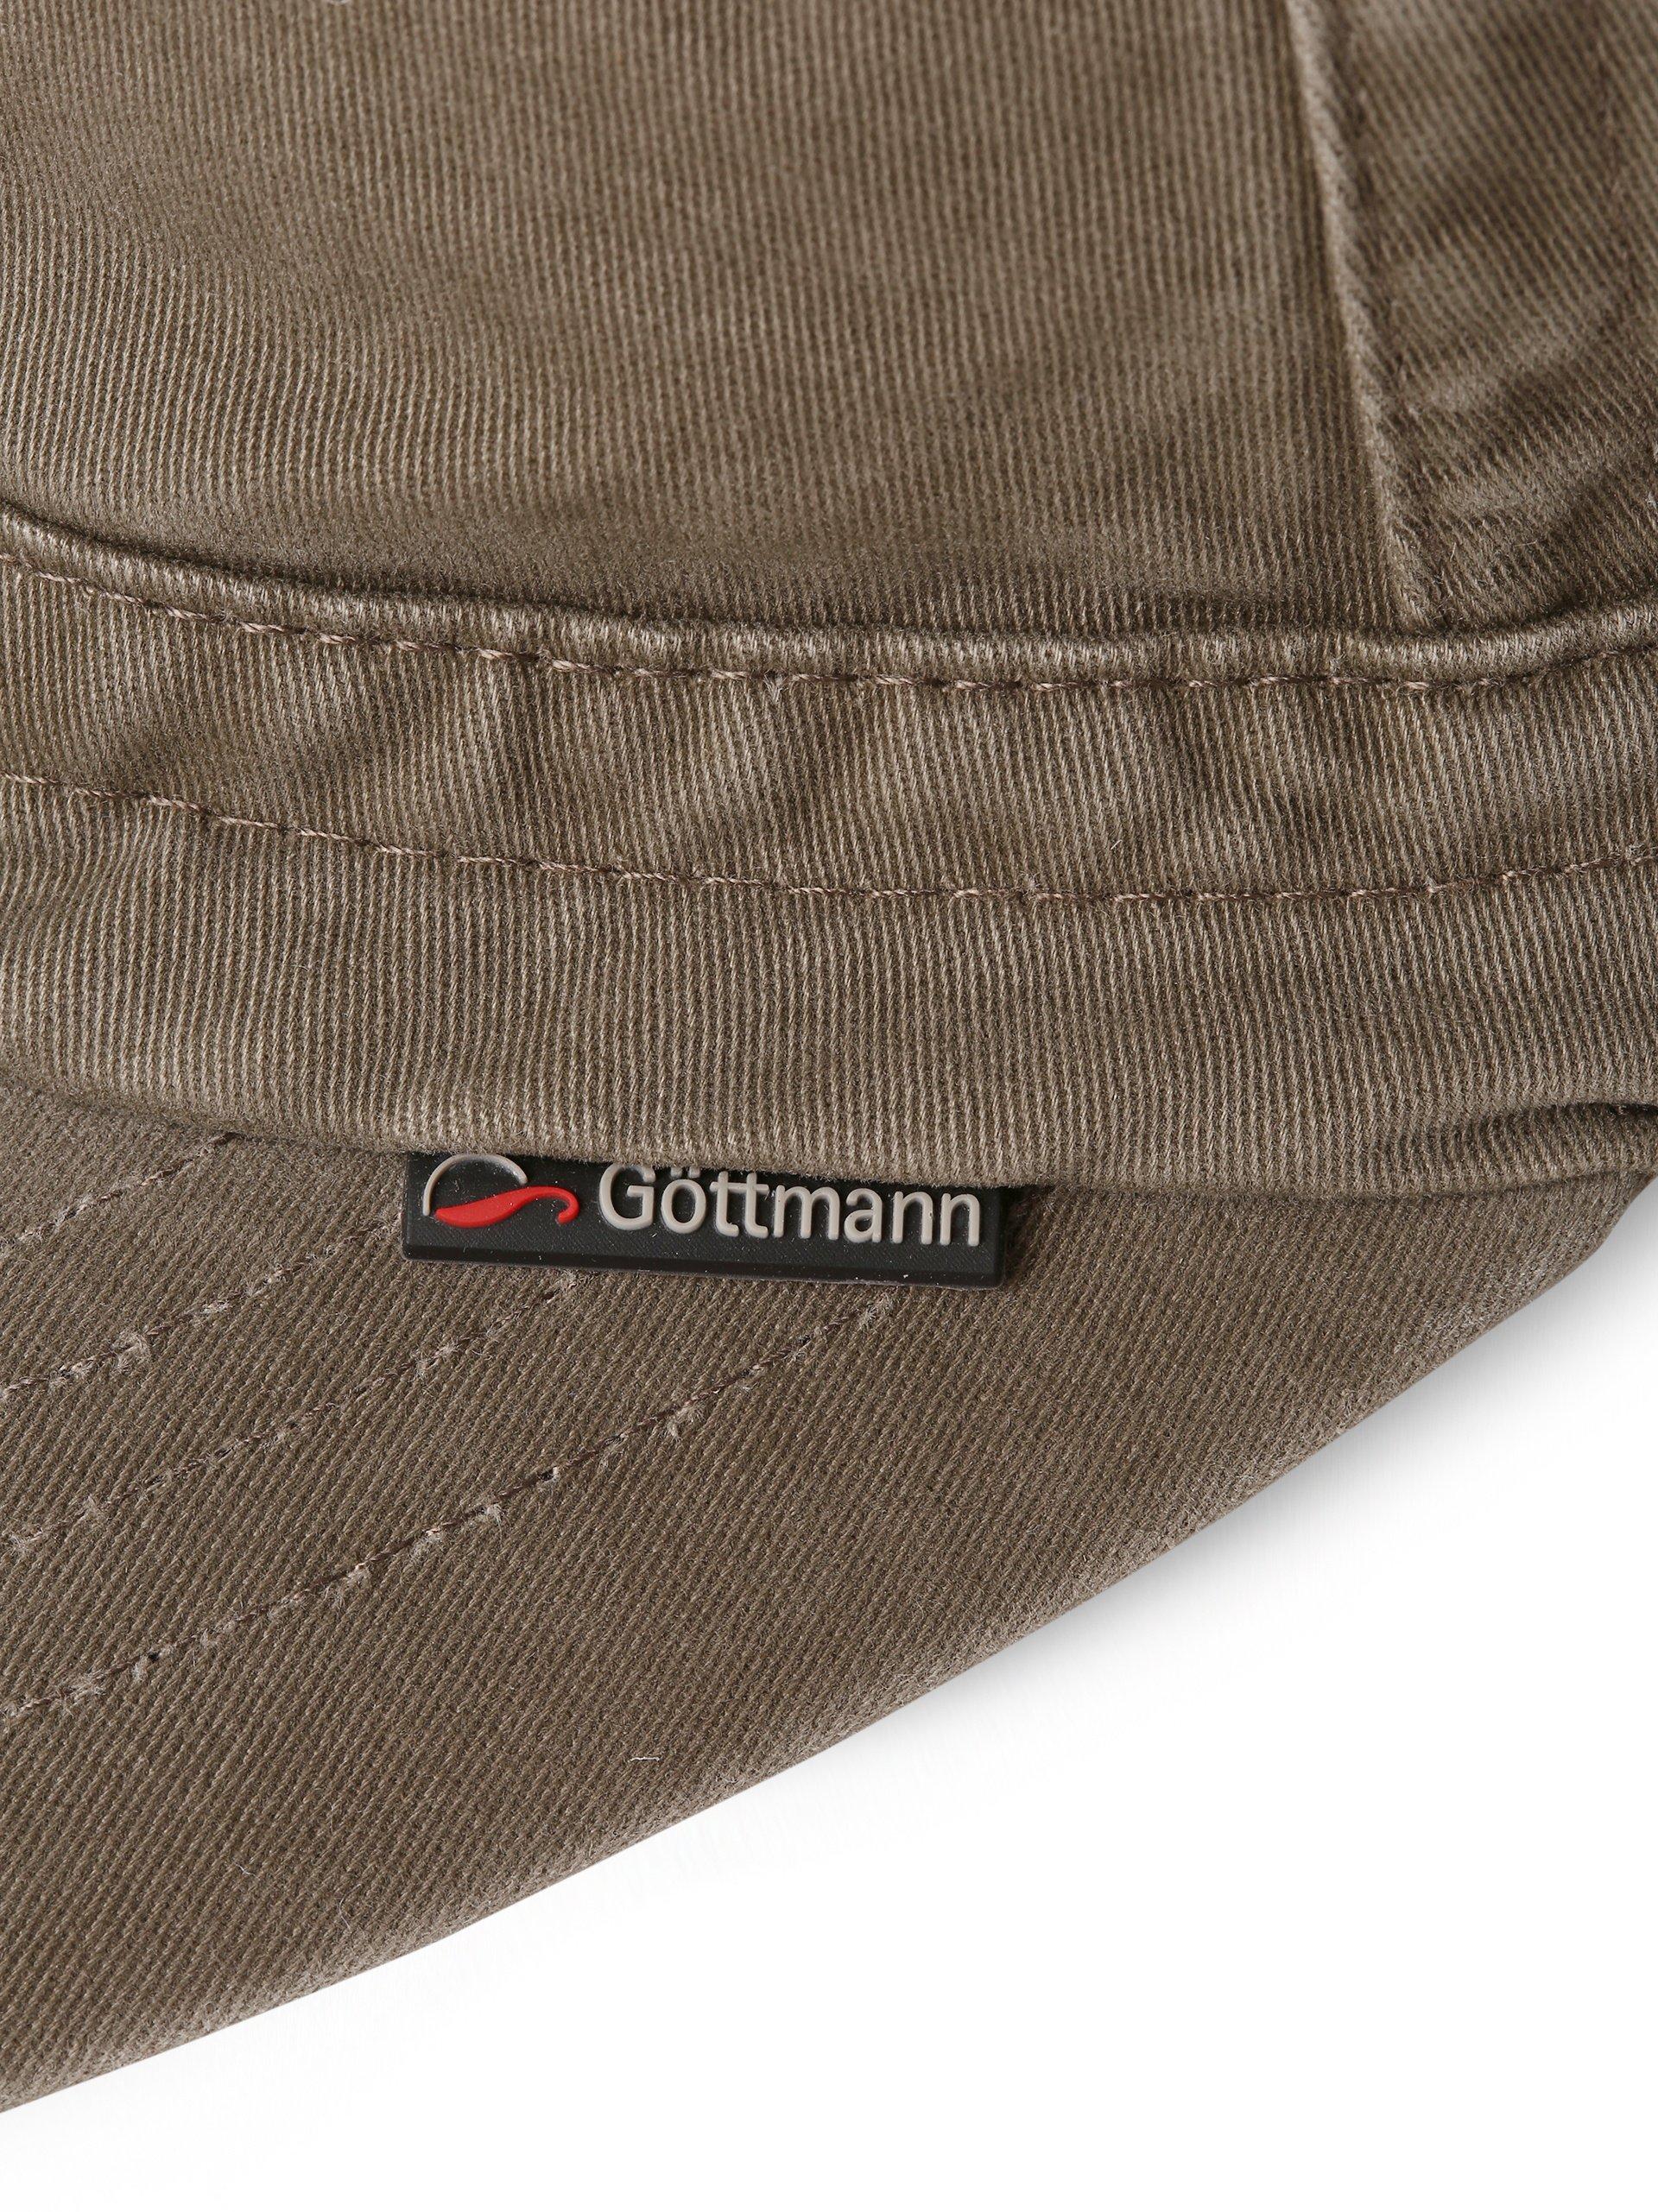 Göttmann Herren Cap